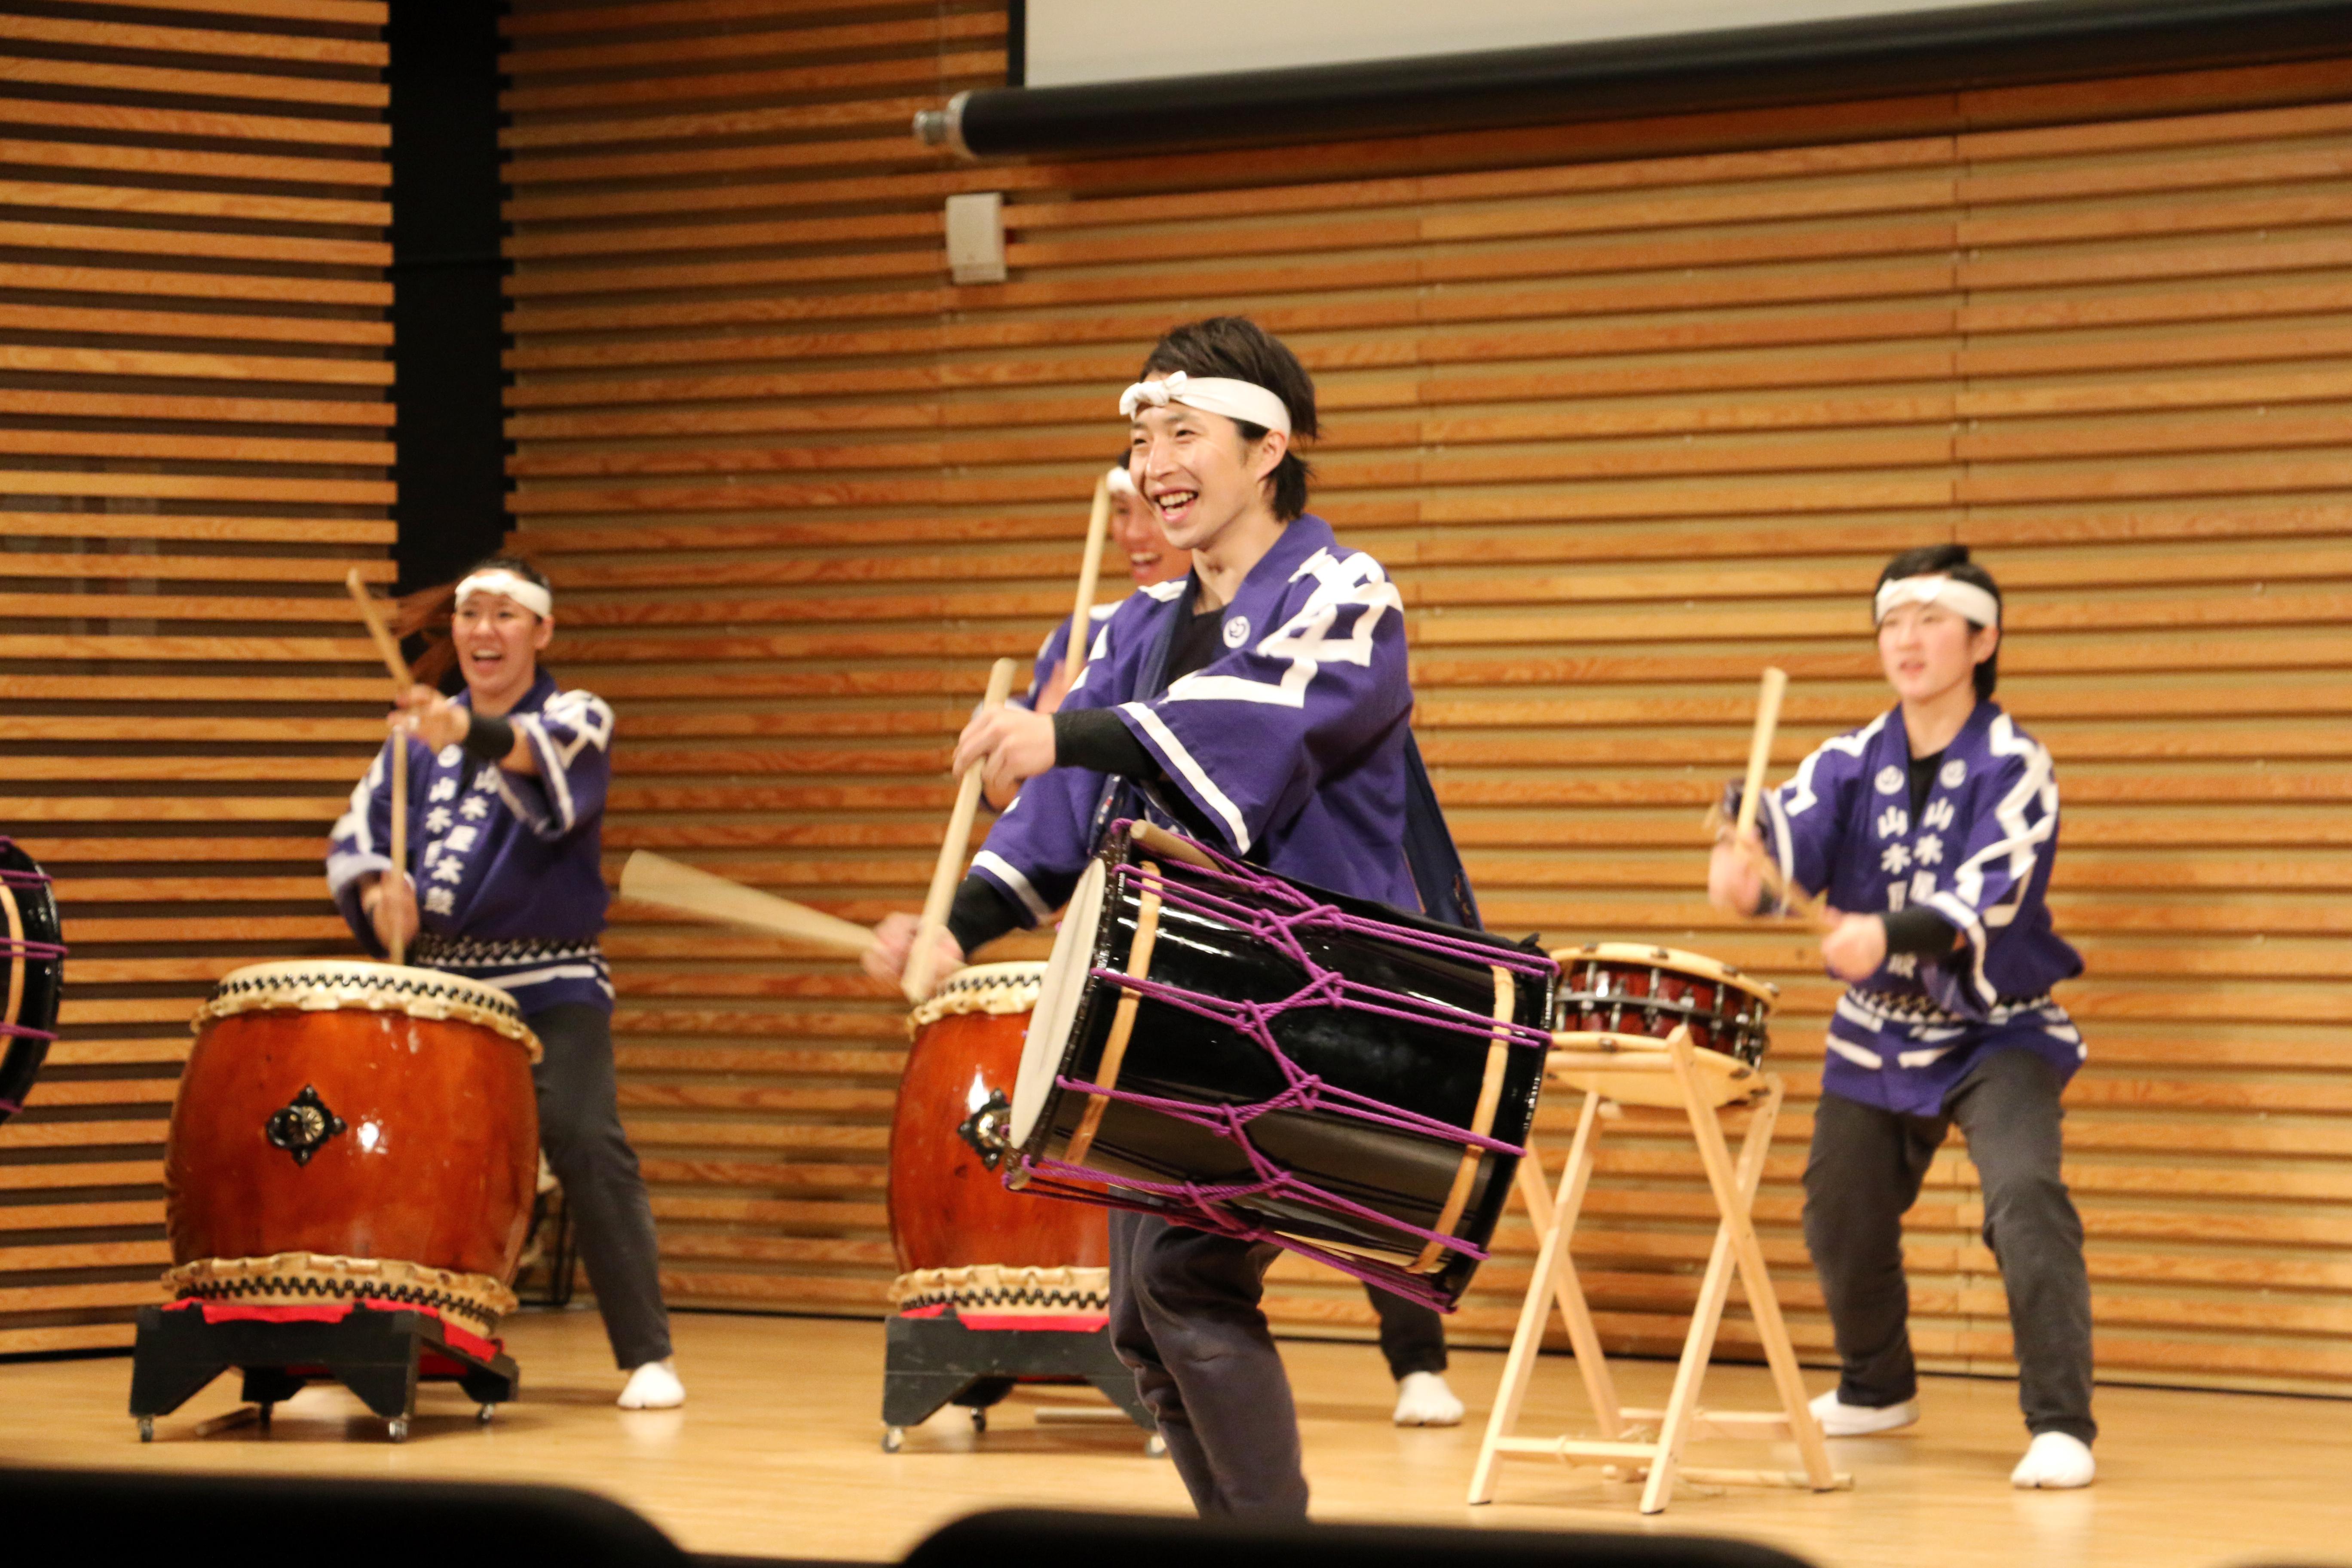 日本の和太鼓グループ'山木屋太鼓'ミシガンで福島トリビュート・コンサートや交流 8